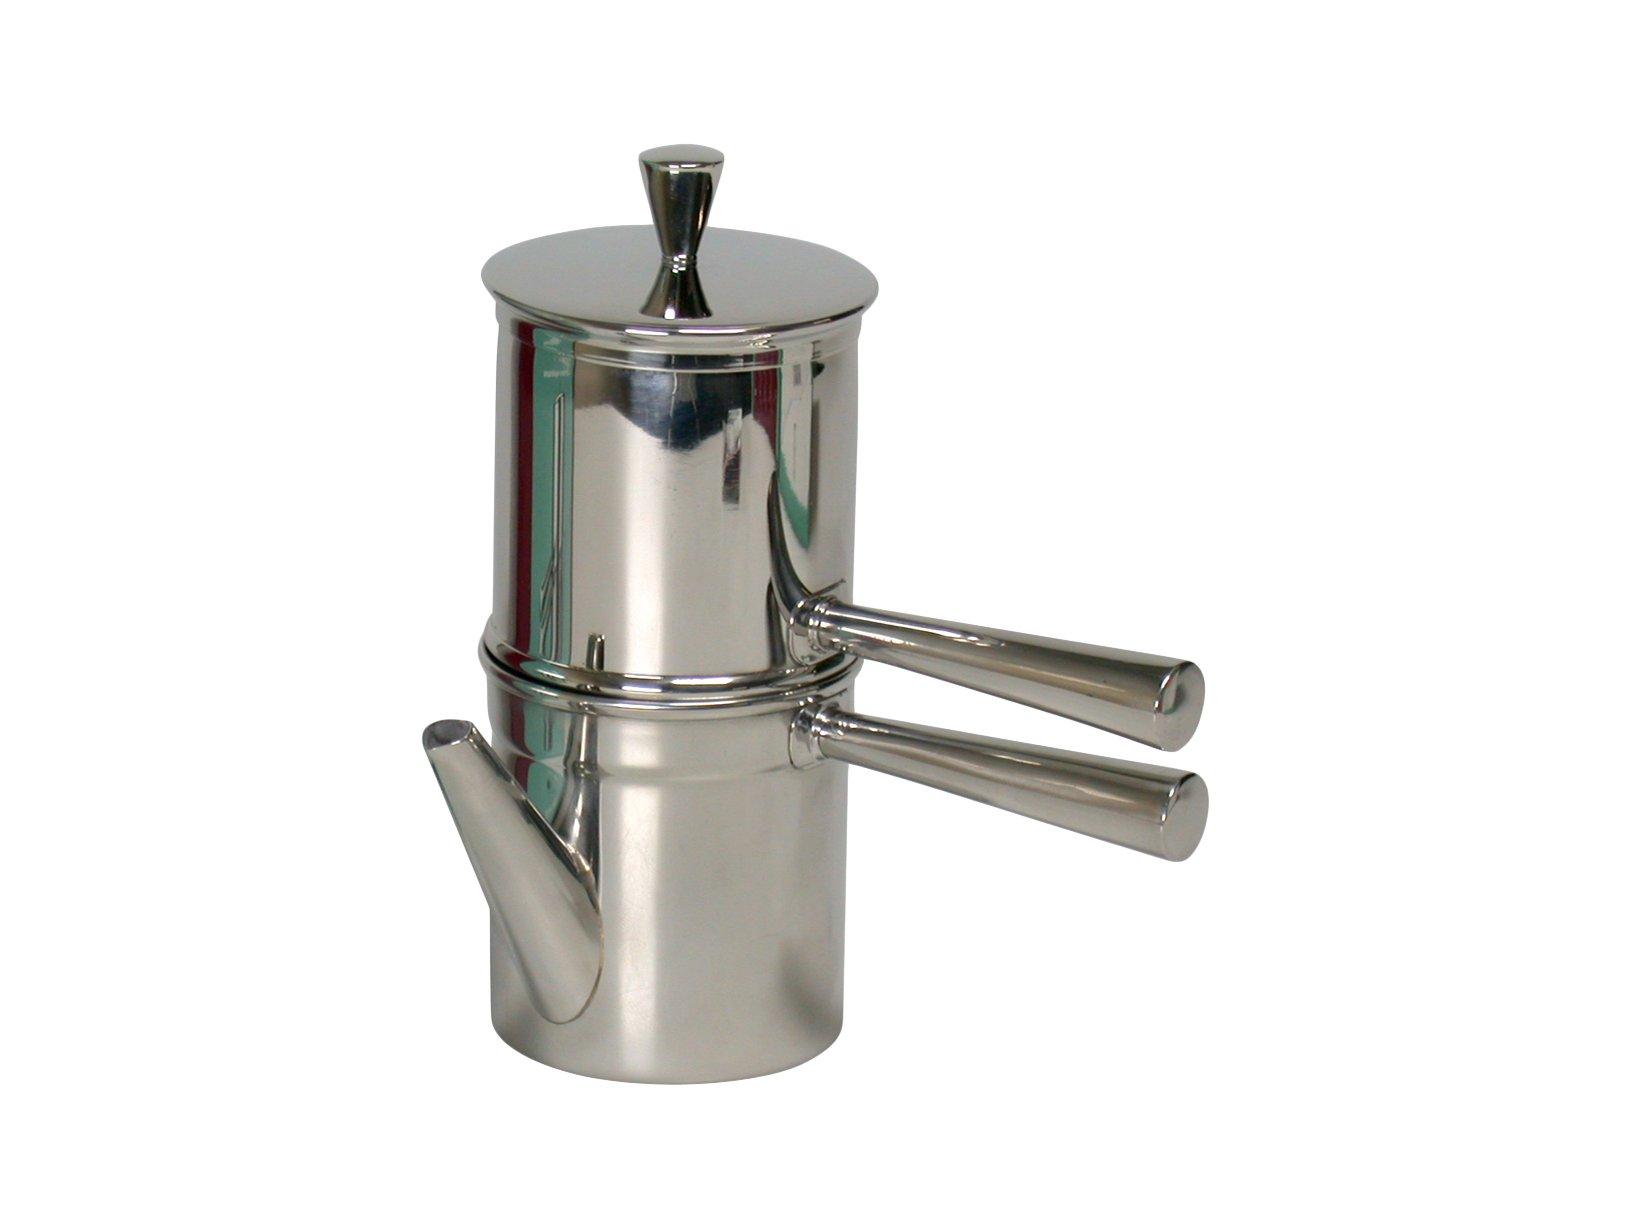 Neapolitan Espresso Maker 2 Cup by Ilsa